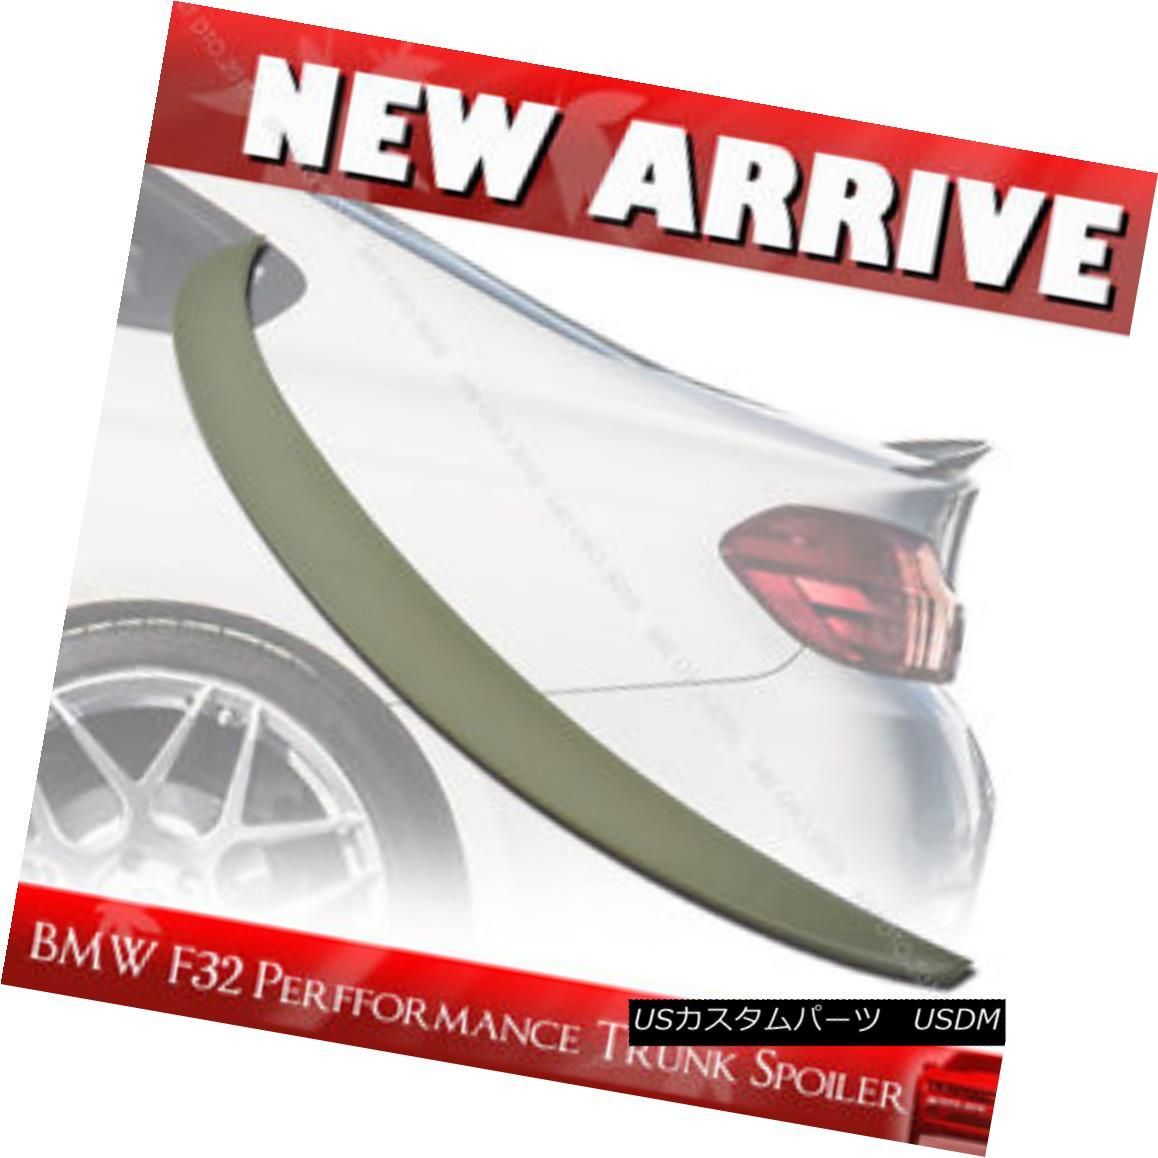 エアロパーツ Unpainted BMW F32 420i 428i Performance P Type Rear Boot Trunk Spoiler§ 未塗装のBMW F32 420i 428iパフォーマンスPタイプリア・ブート・トランク・スポイラー